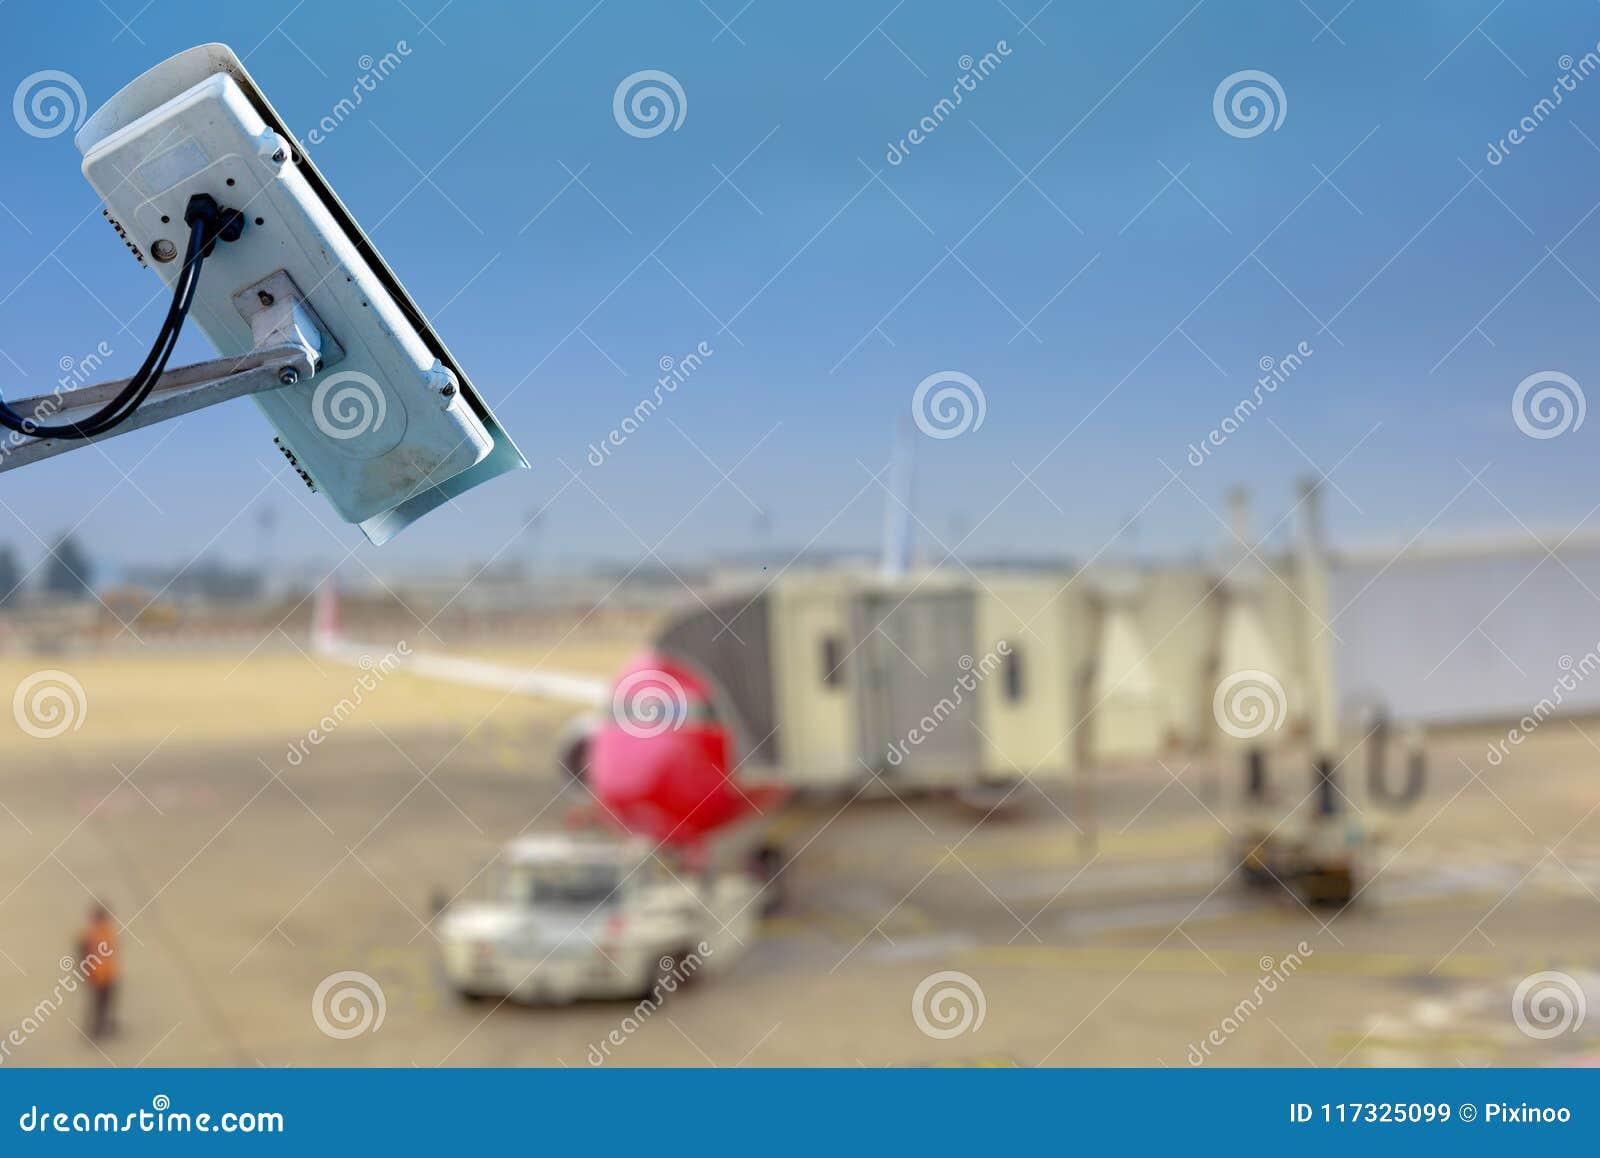 Câmera ou sistema de vigilância do CCTV da segurança com alcatrão do aeroporto no fundo obscuro